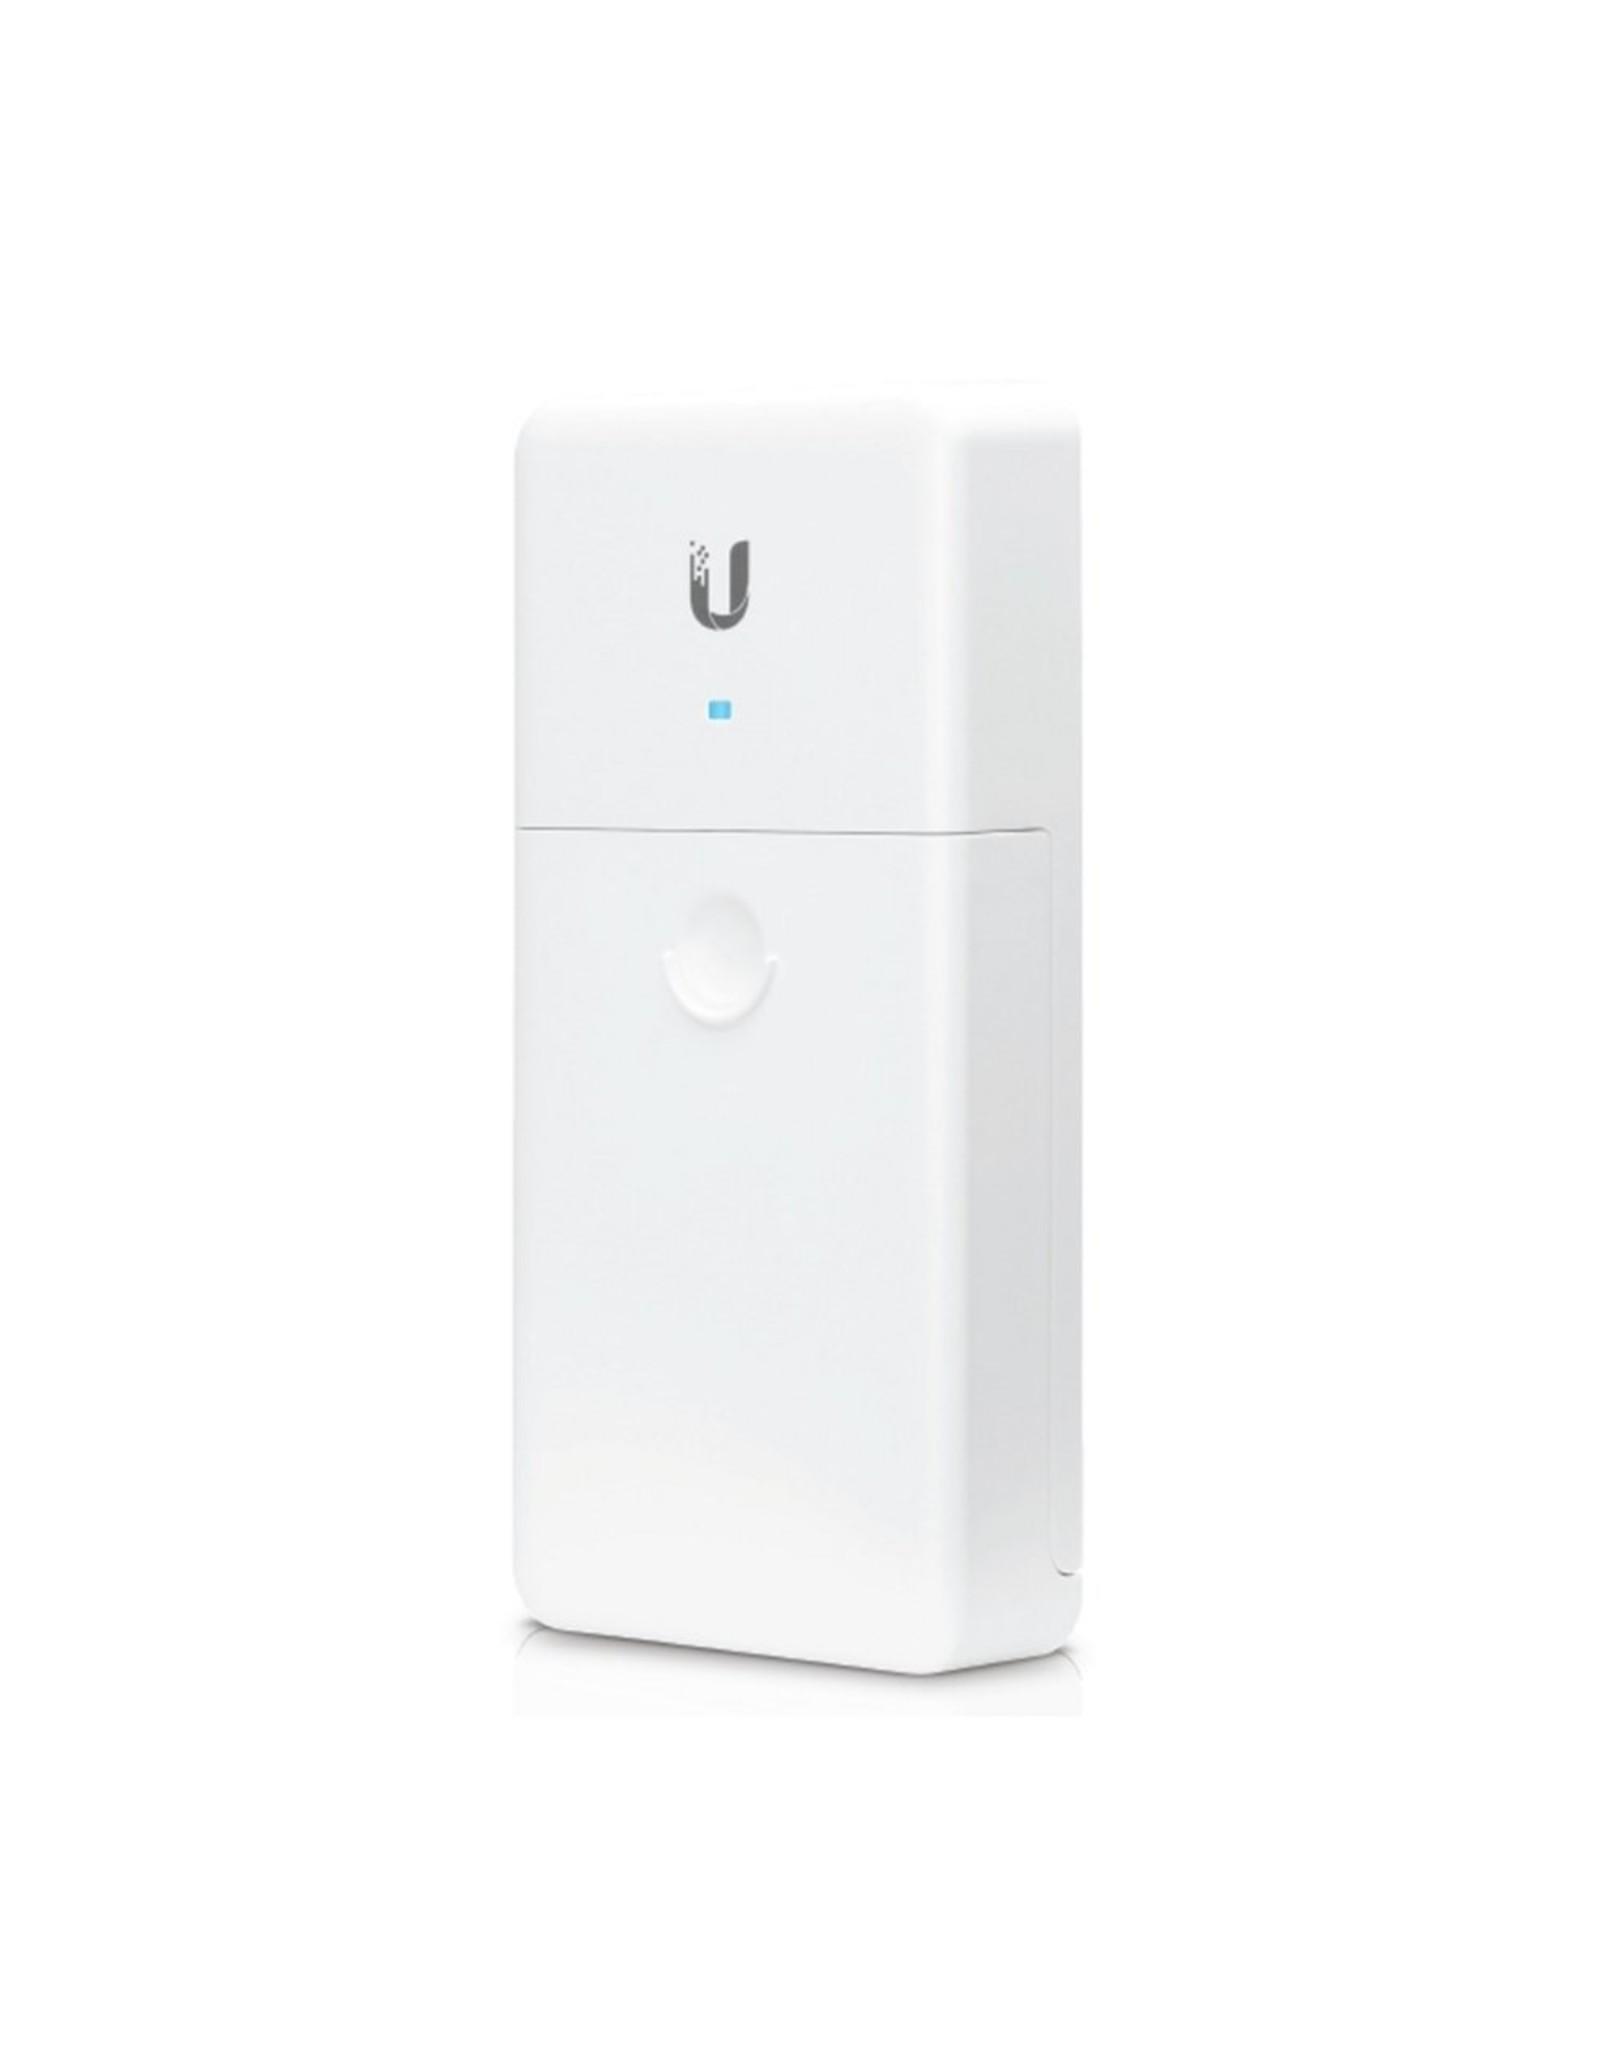 Ubiquiti NanoSwitch (refurbished)